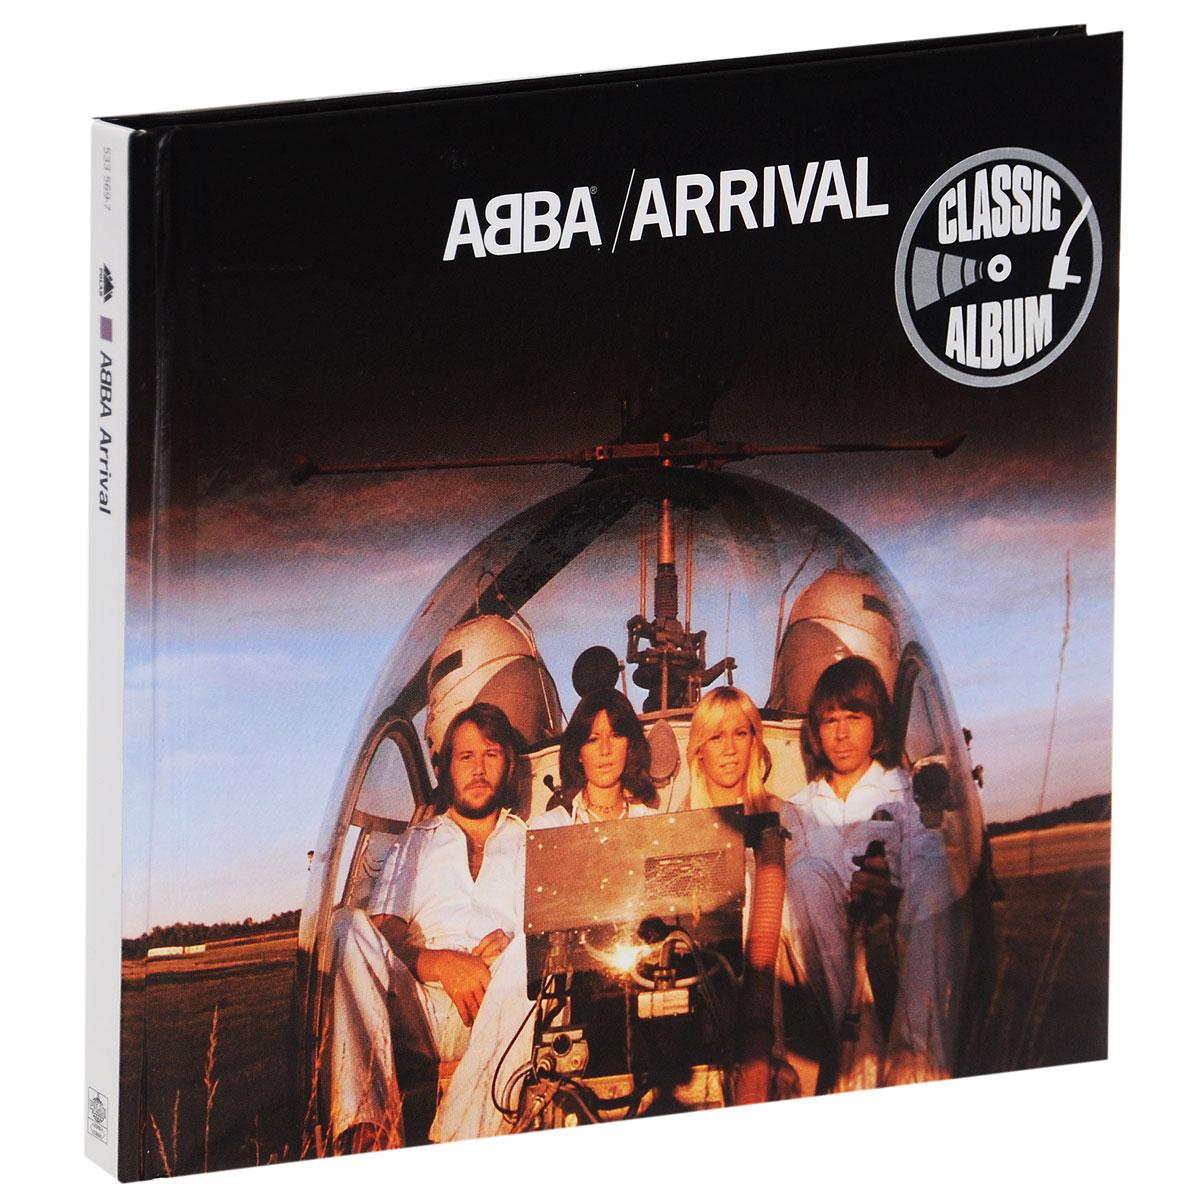 Издание упаковано в картонный DigiPack размером 13 см х 14,5 см с 24-страничным буклетом-книгой, закрепленным в начале упаковки. Буклет содержит фотографии и тексты песен на английском языке.